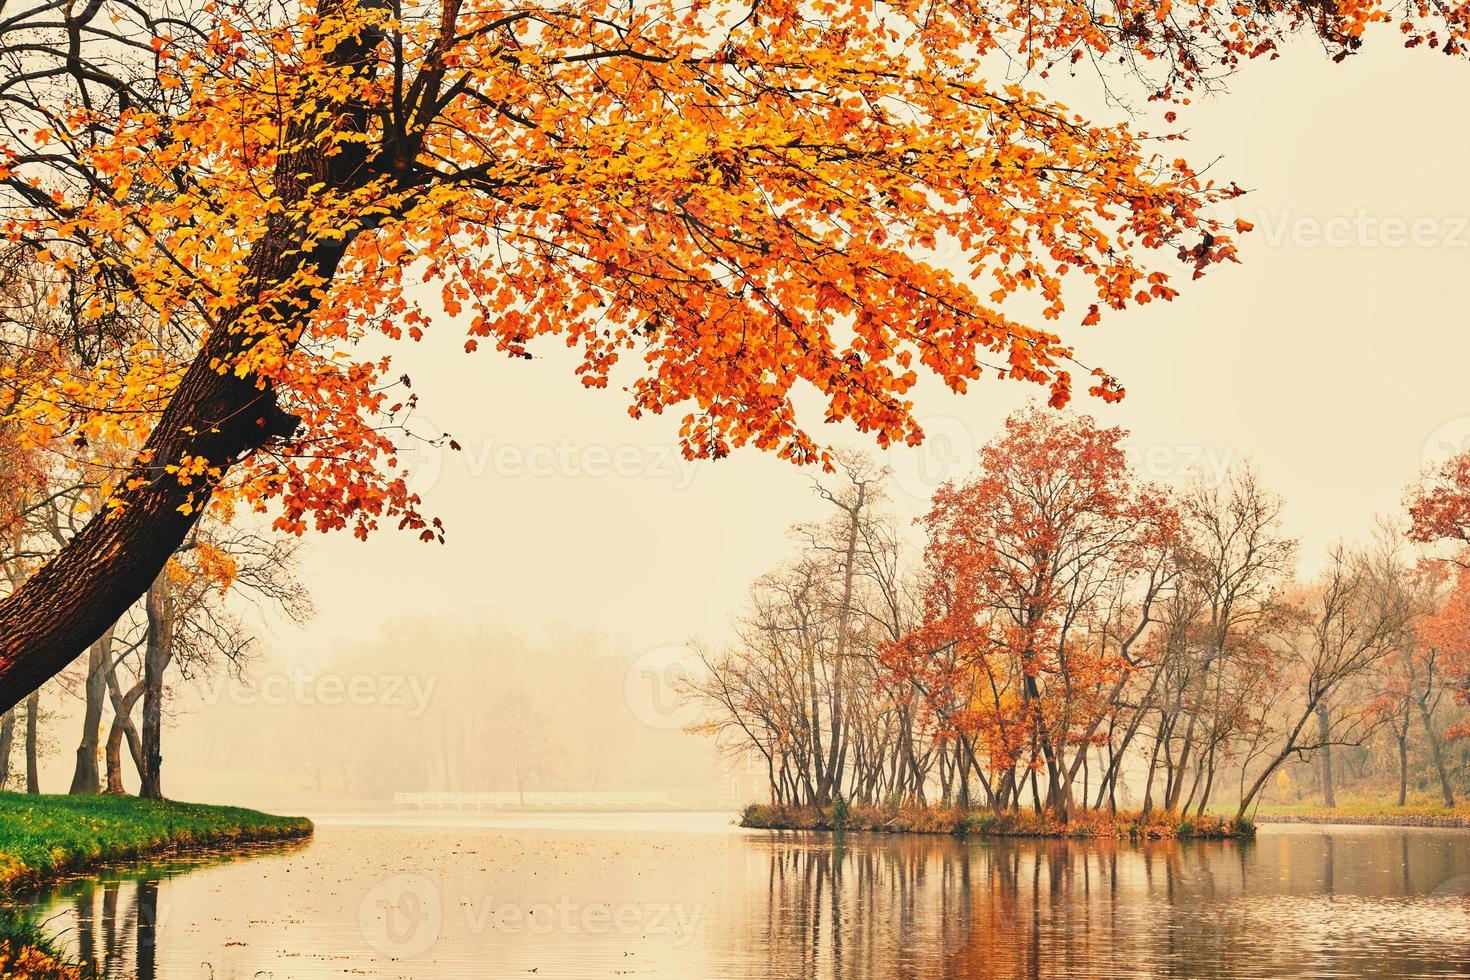 lac d'automne dans le parc photo